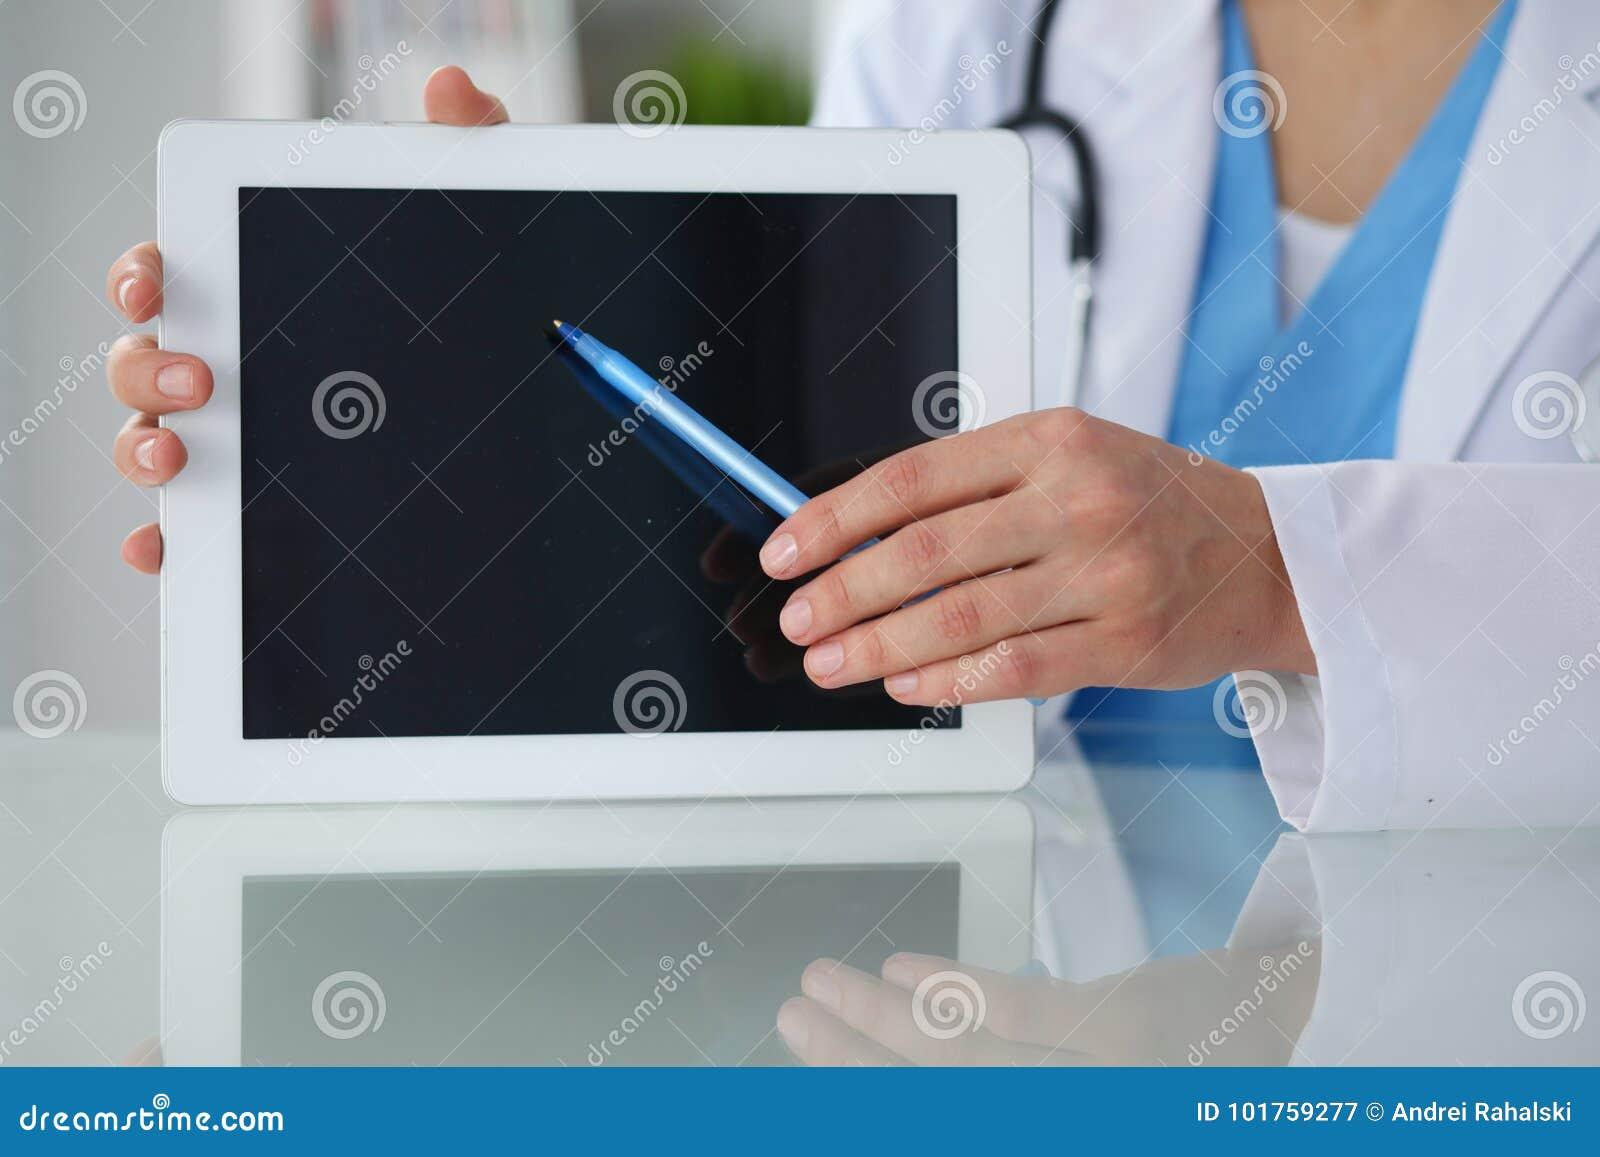 Vrouwelijke arts die in tabletcomputer richten, close-up van handen Arts klaar om patiënt te onderzoeken en te helpen geneeskunde